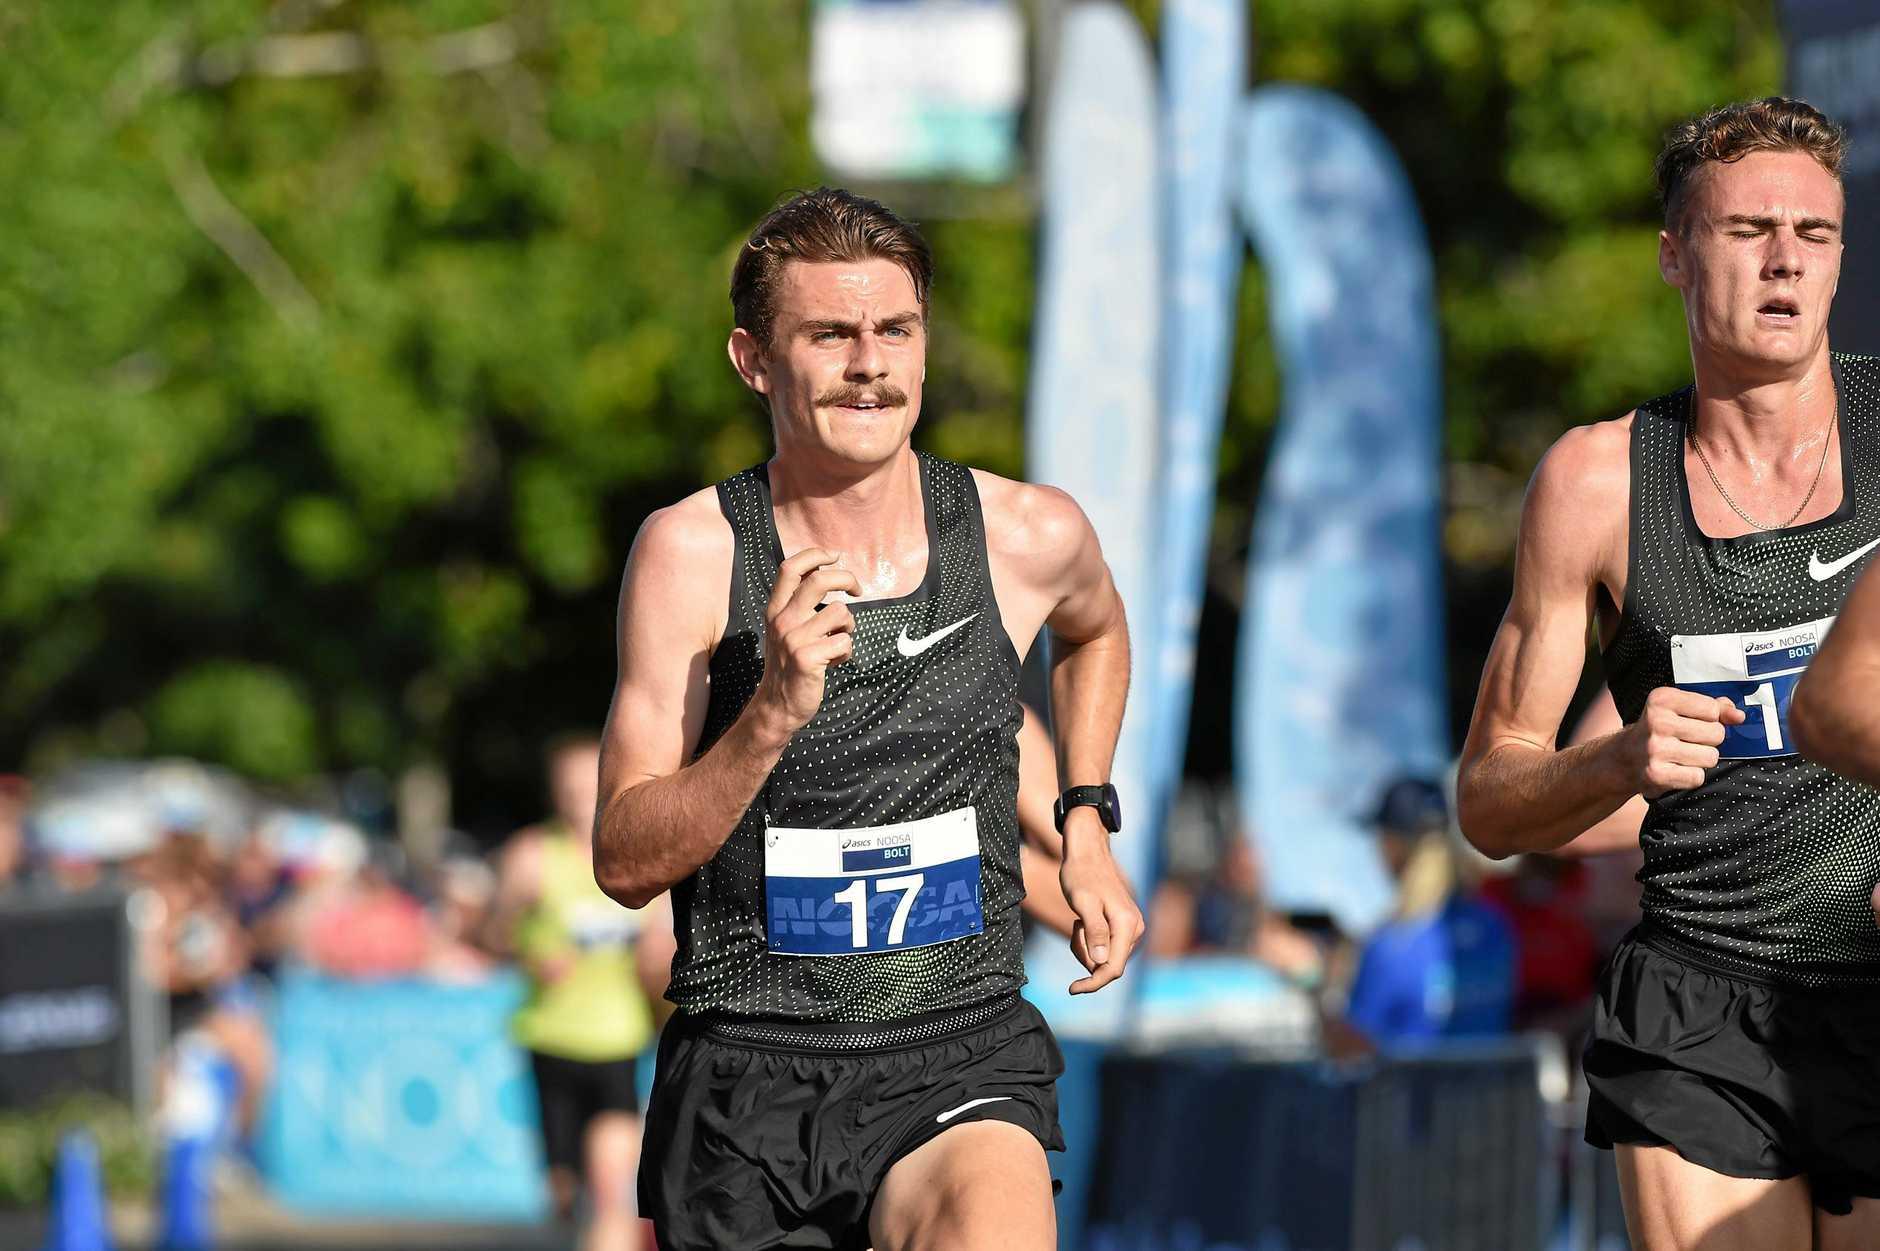 TOP SHAPE: Melbourne runner Jack Rayner is relishing good form for a Sunshine Coast Half Marathon title defence.